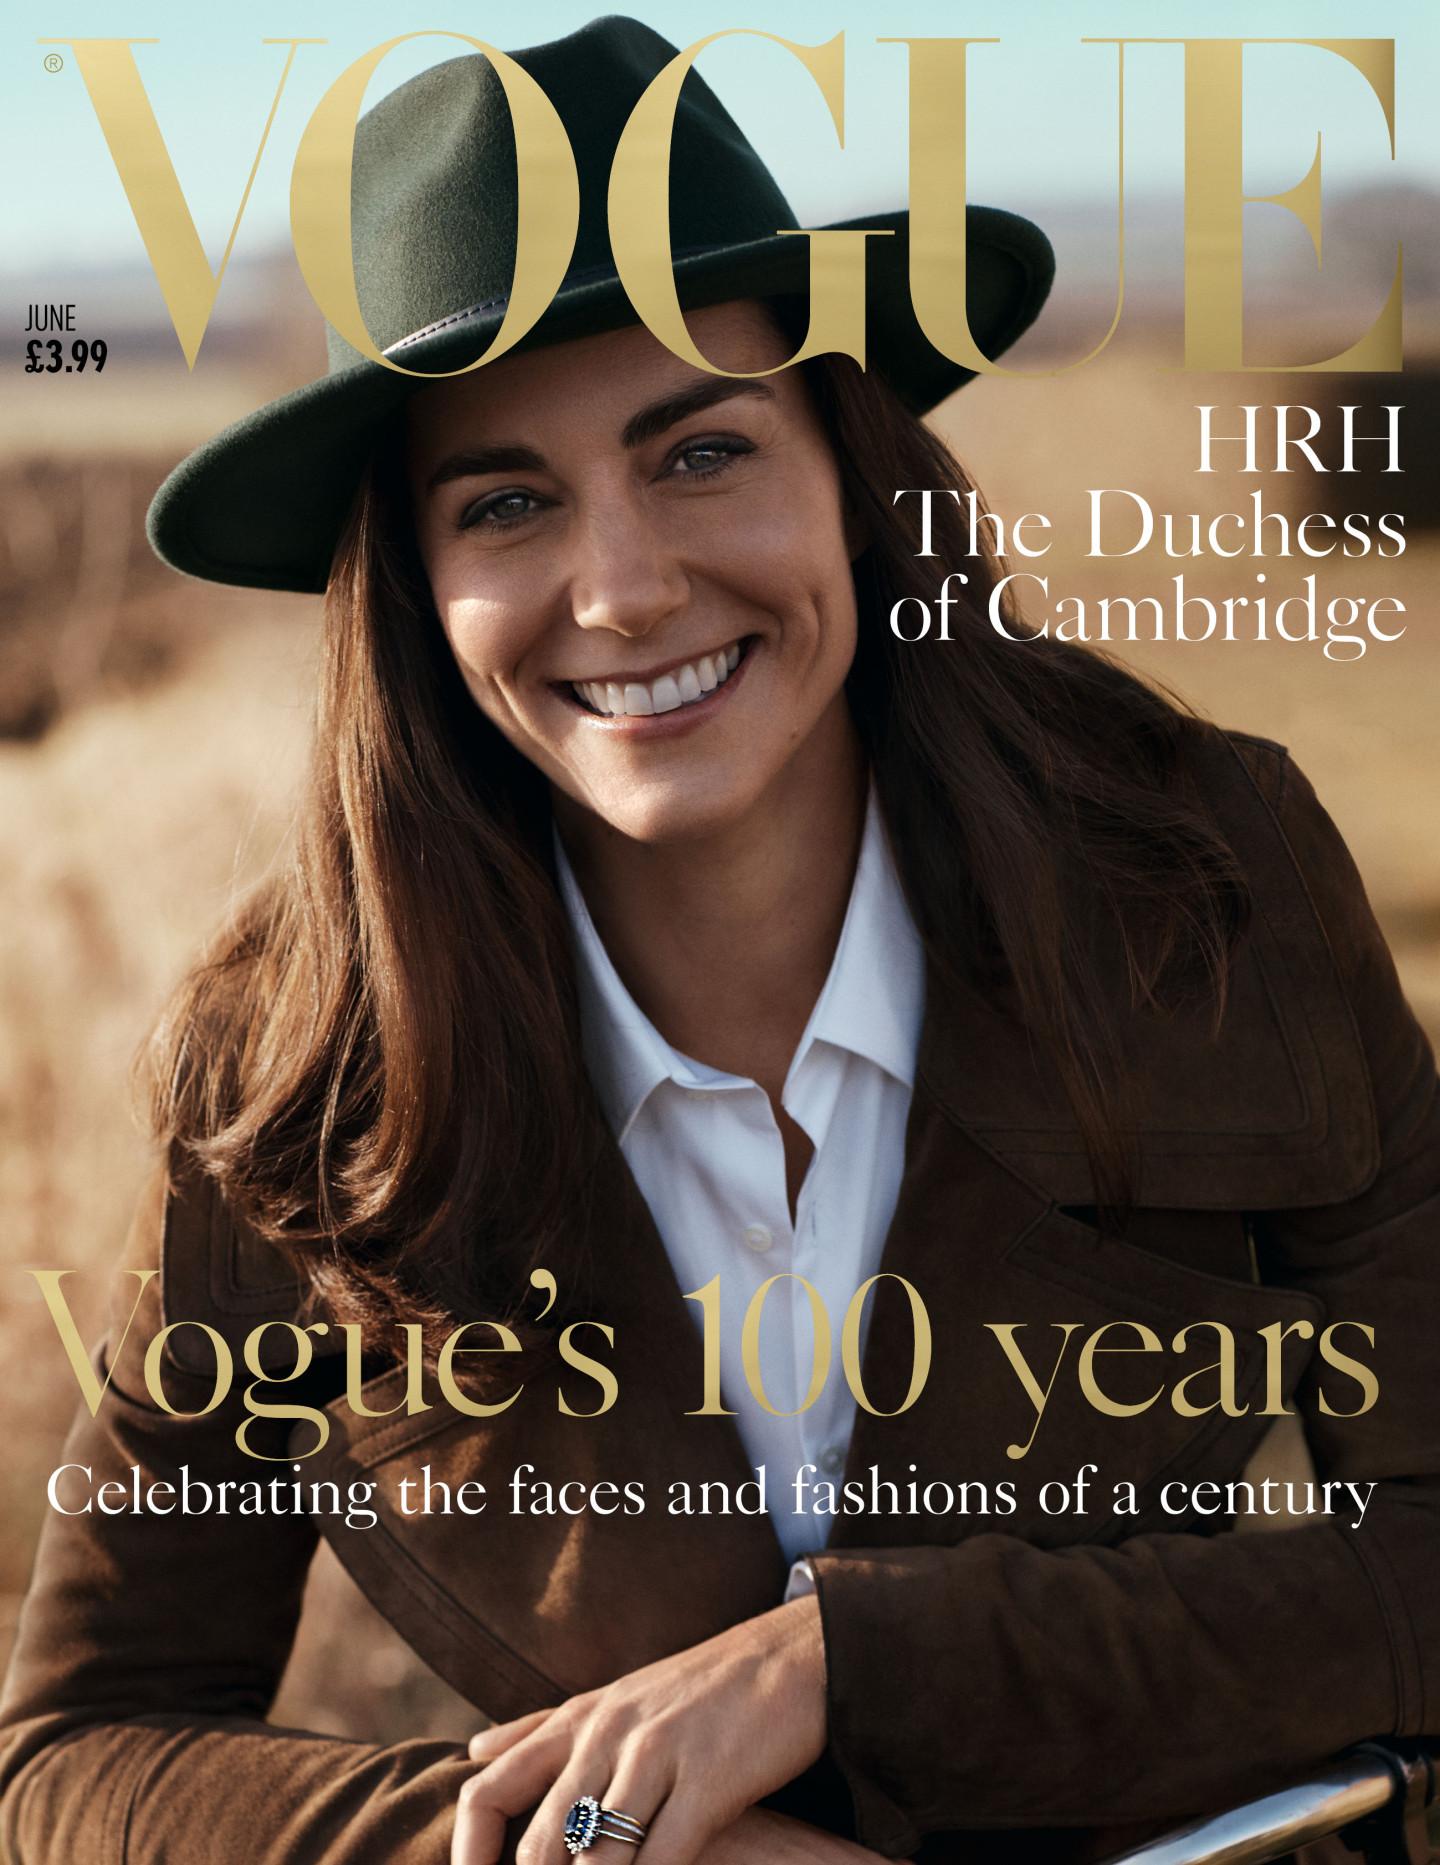 Обложка британского журнала Vogue, июнь 2016 г.